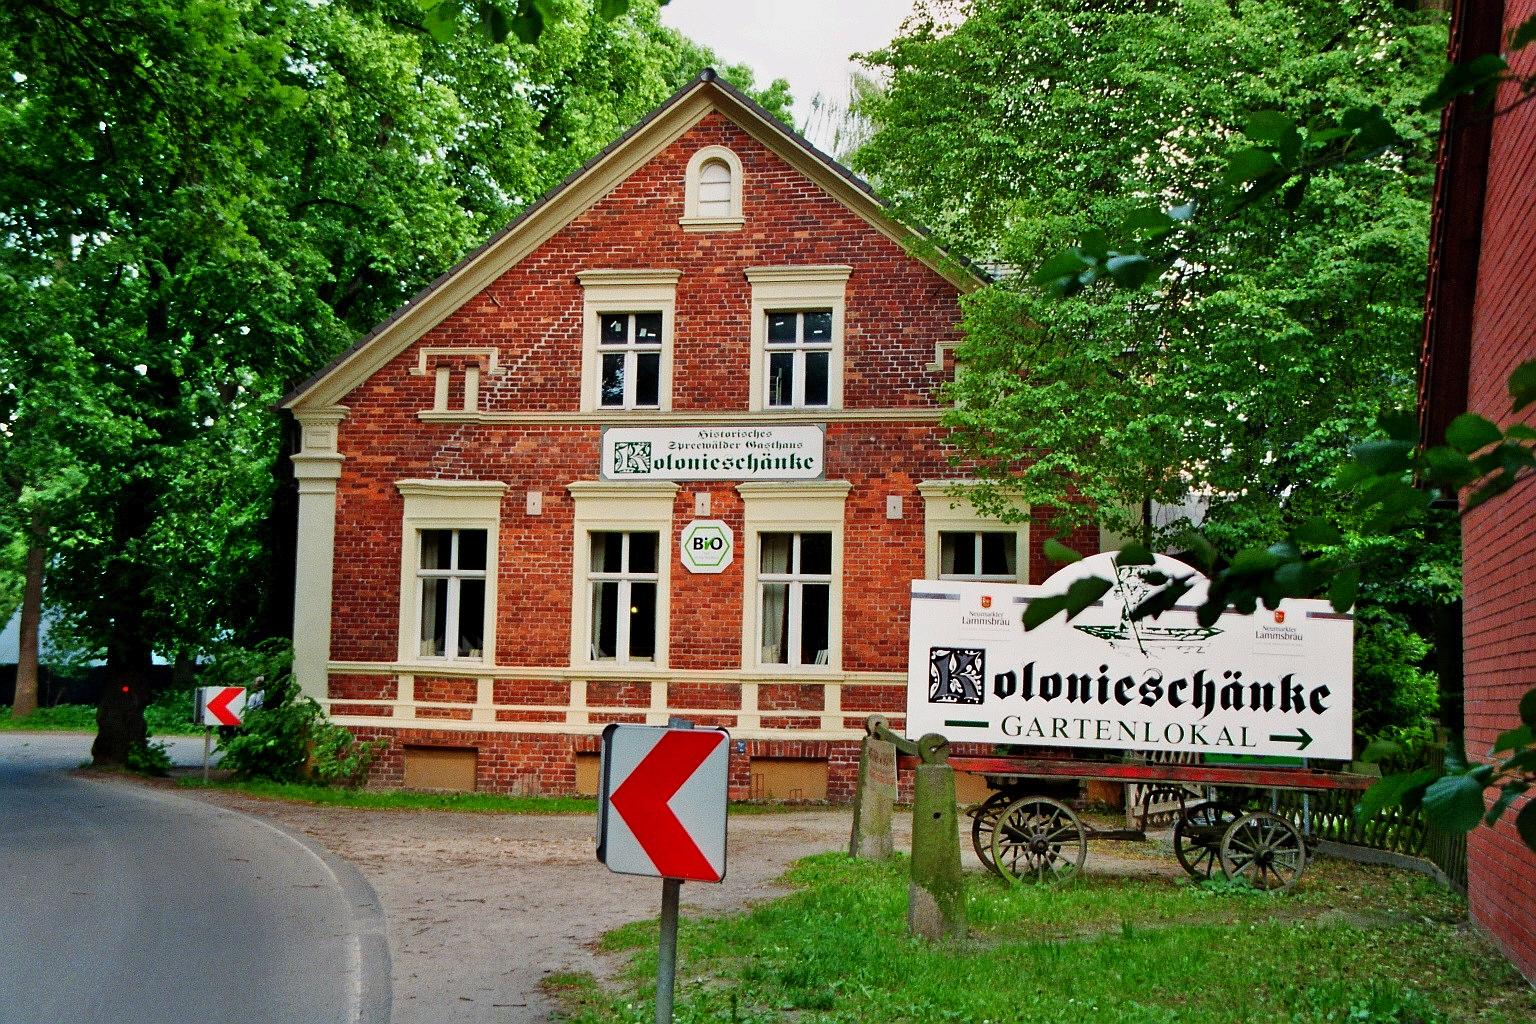 File:Kolonieschaenke Burg Kolonie 1.jpg - Wikimedia Commons